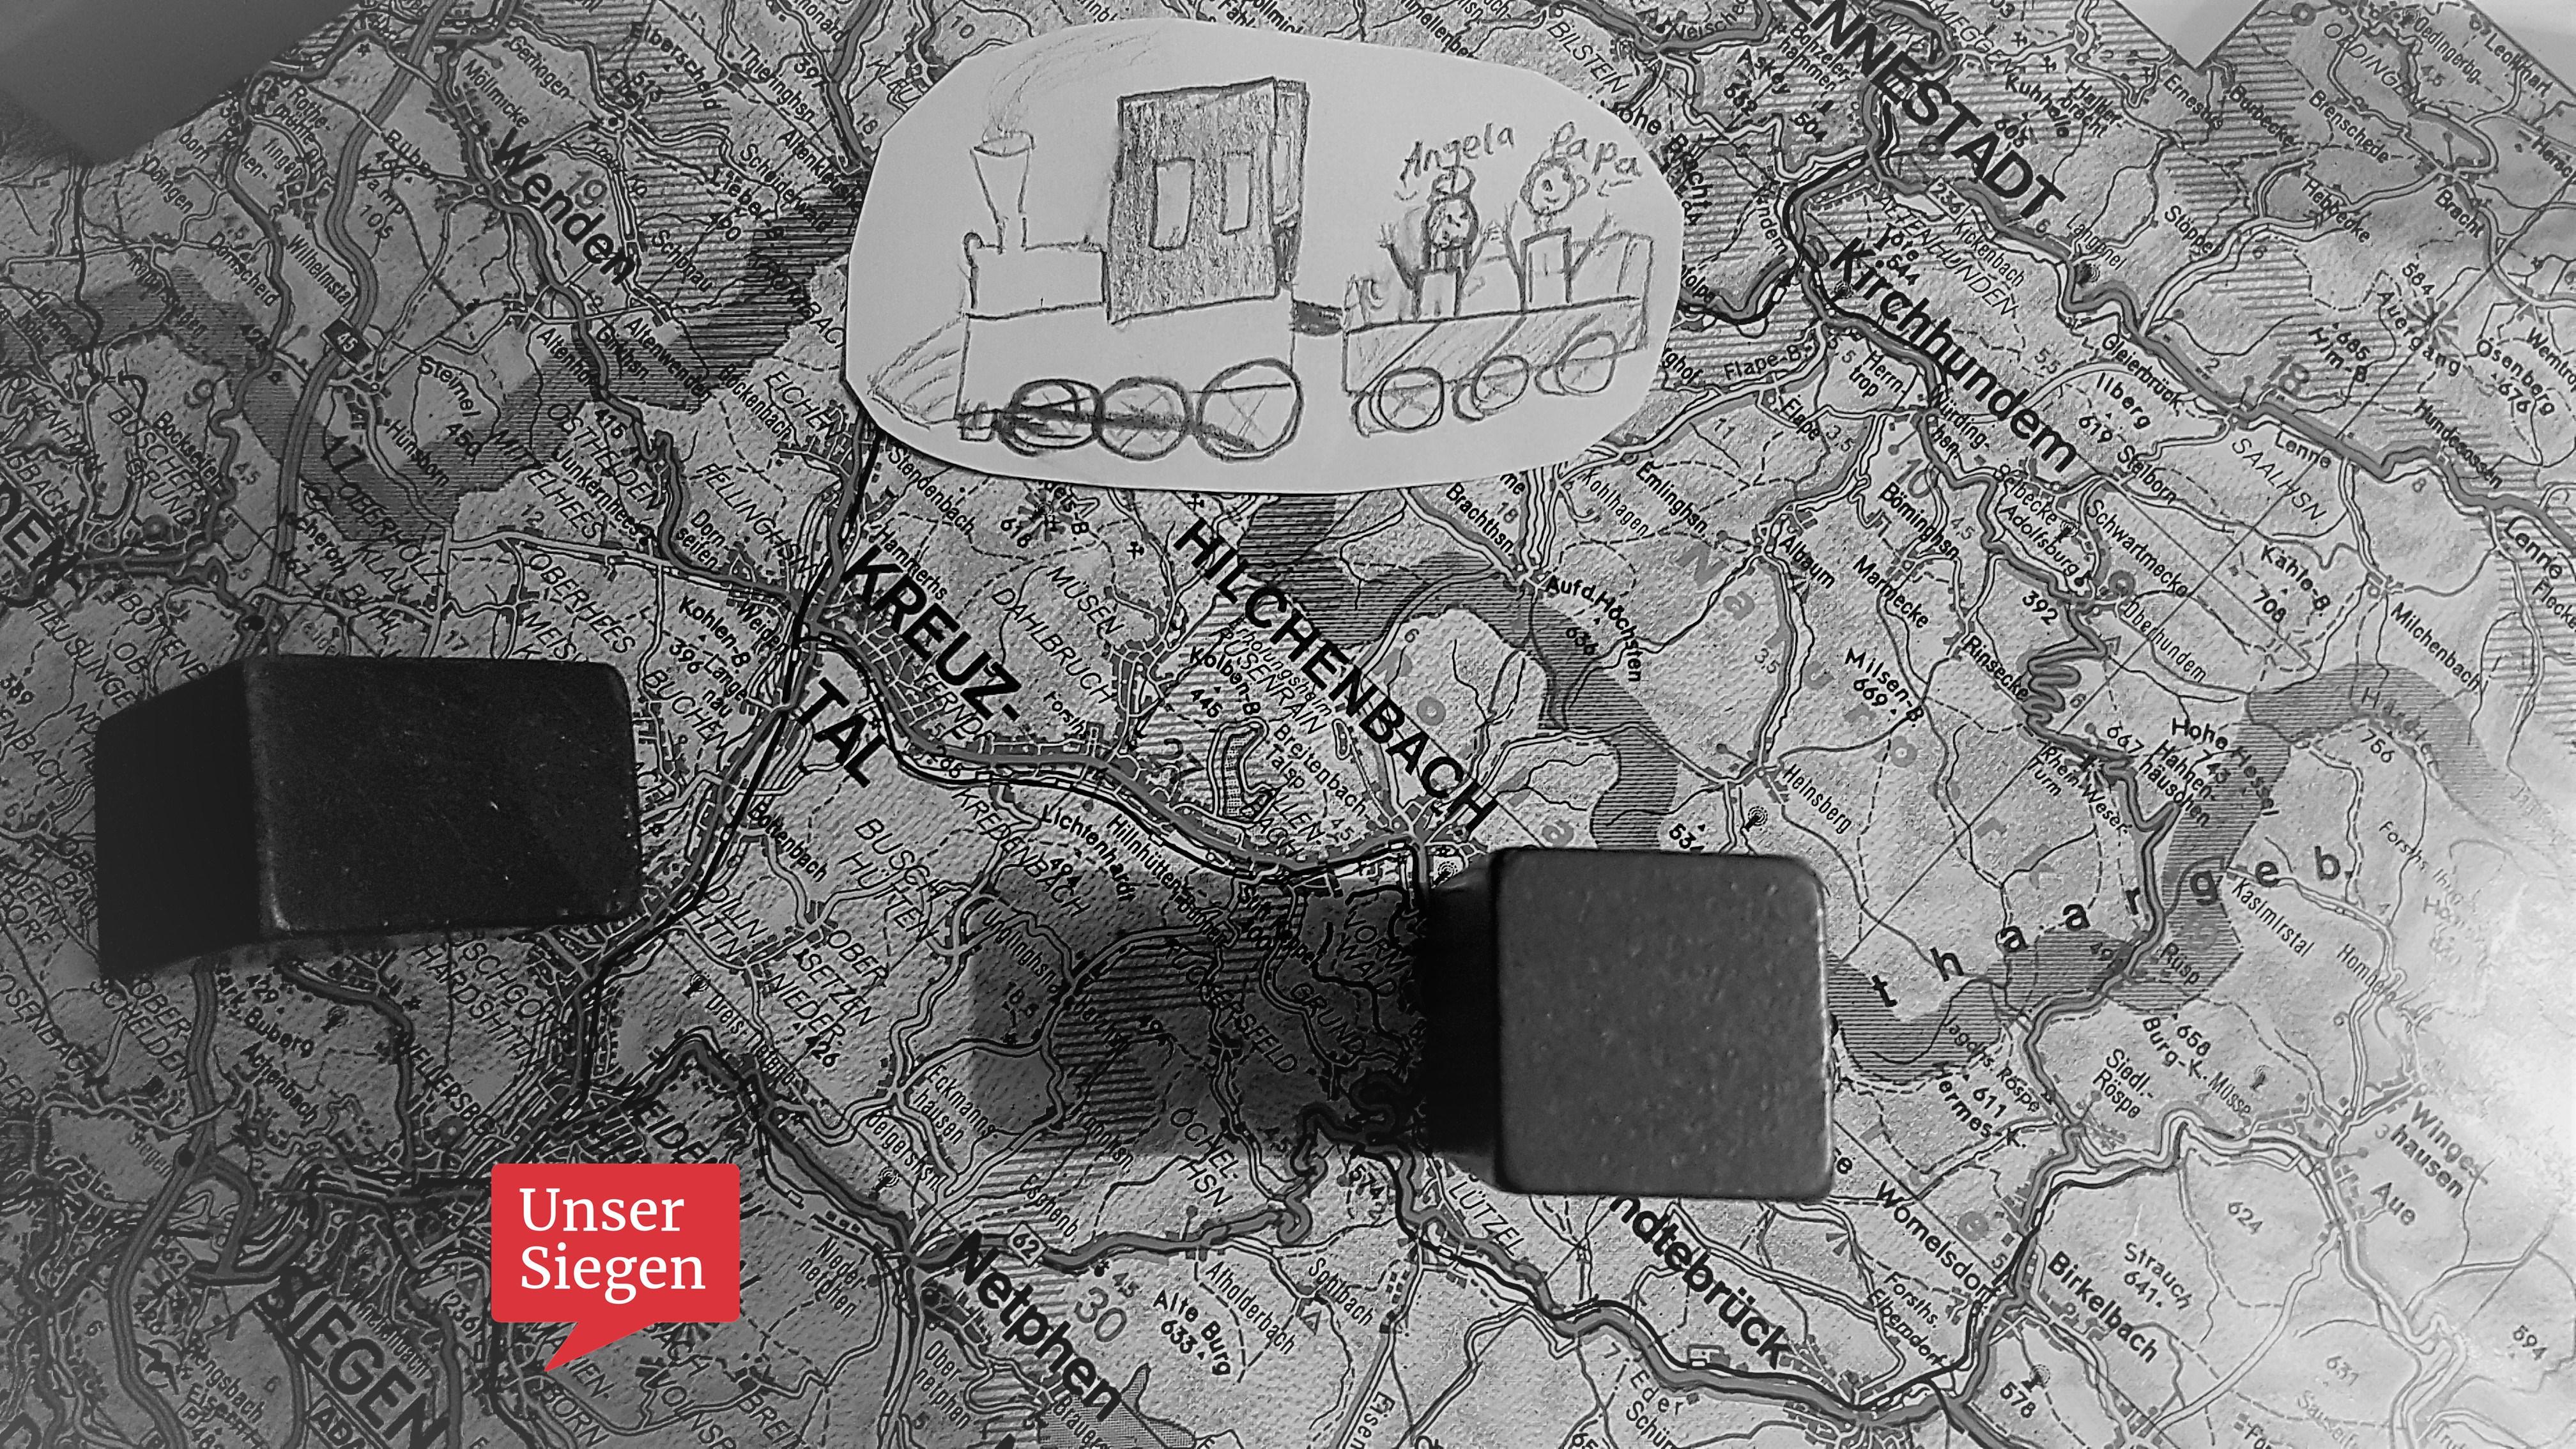 Auf einer Landkarte des Siegerlandes liegt eine gemalte Skizze. Das Bild zeigt eine gezeichnete Lokomotive mit einem Anhänger in dem ein Kind und sein Vater zu sehen sind.